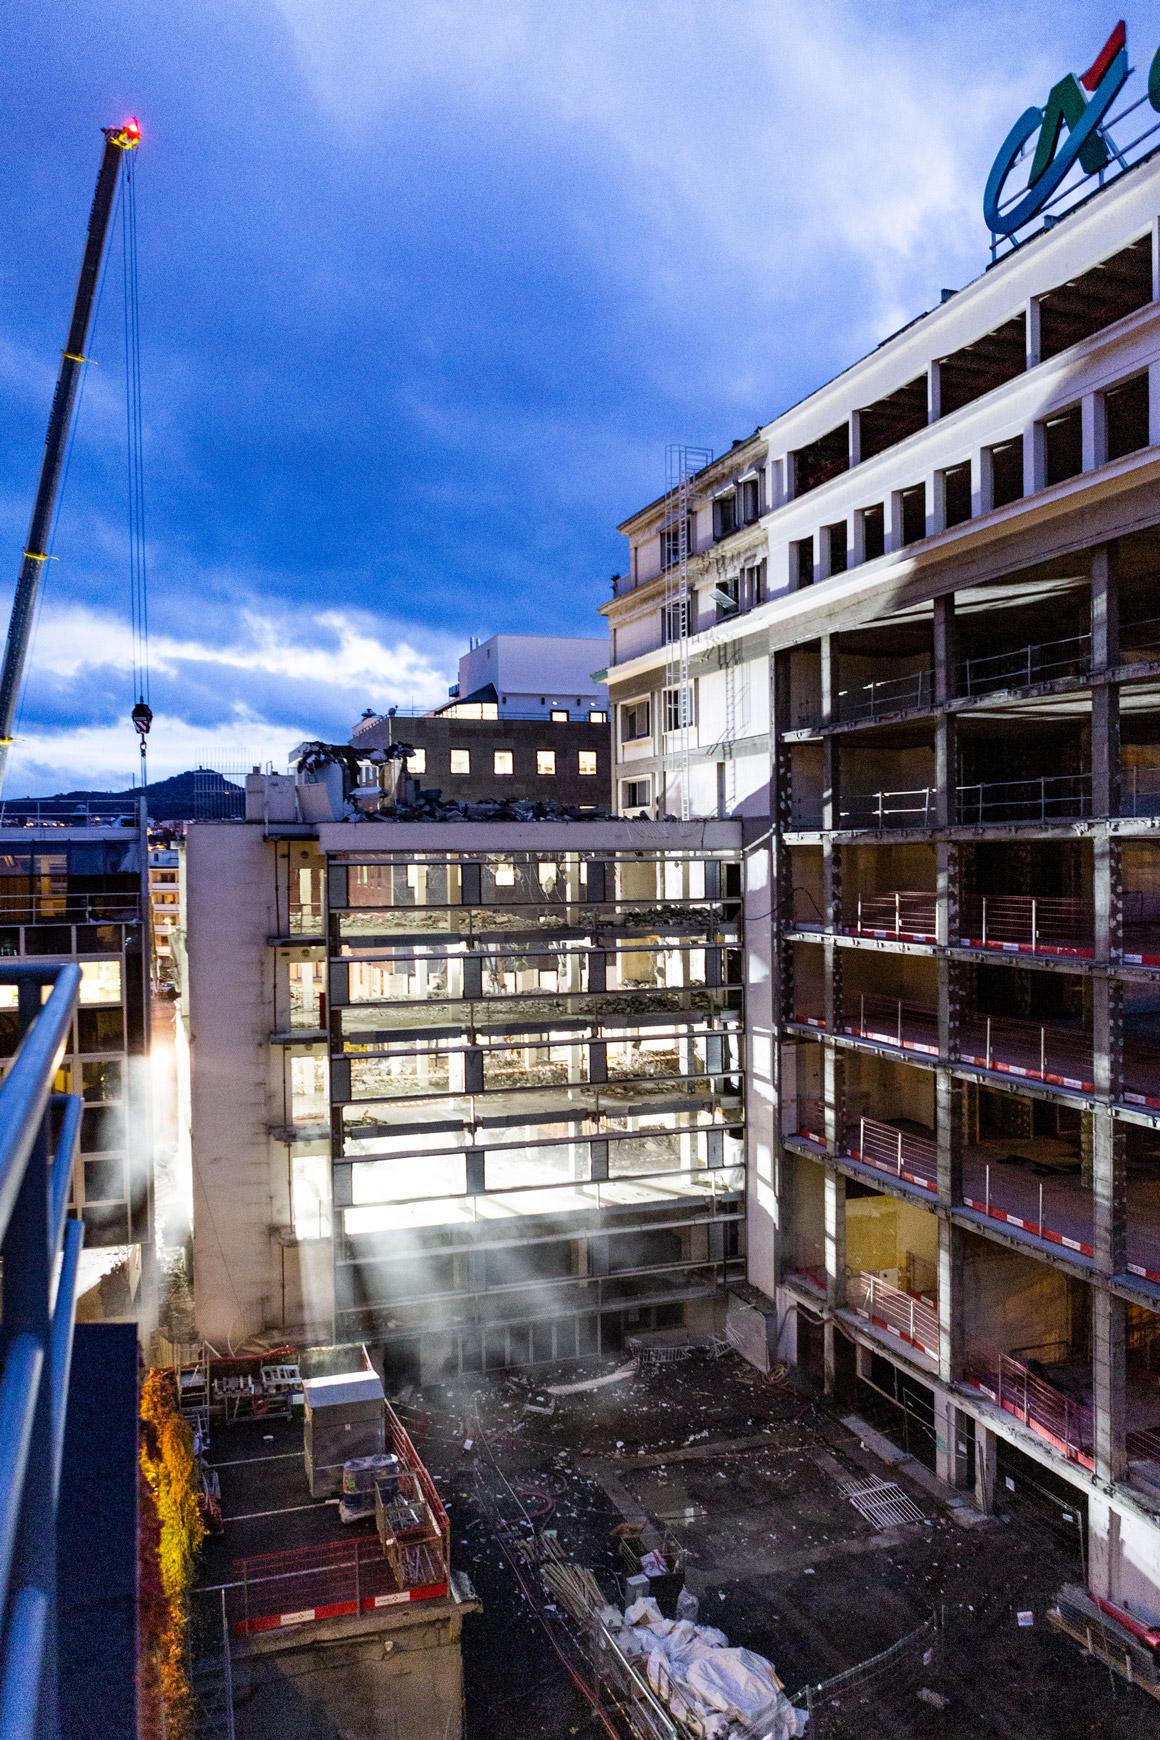 Réhabilitation lourde du siège sociale du Crédit Agricole Centre France à Clermont-Ferrand, labélisé BREEAM EXCELLENT, réalisé par le pôle Tertiaire de l'agence d'architecture SOHO ATLAS IN FINE LYON. Photo de chantier, vue sur la cour intérieure.